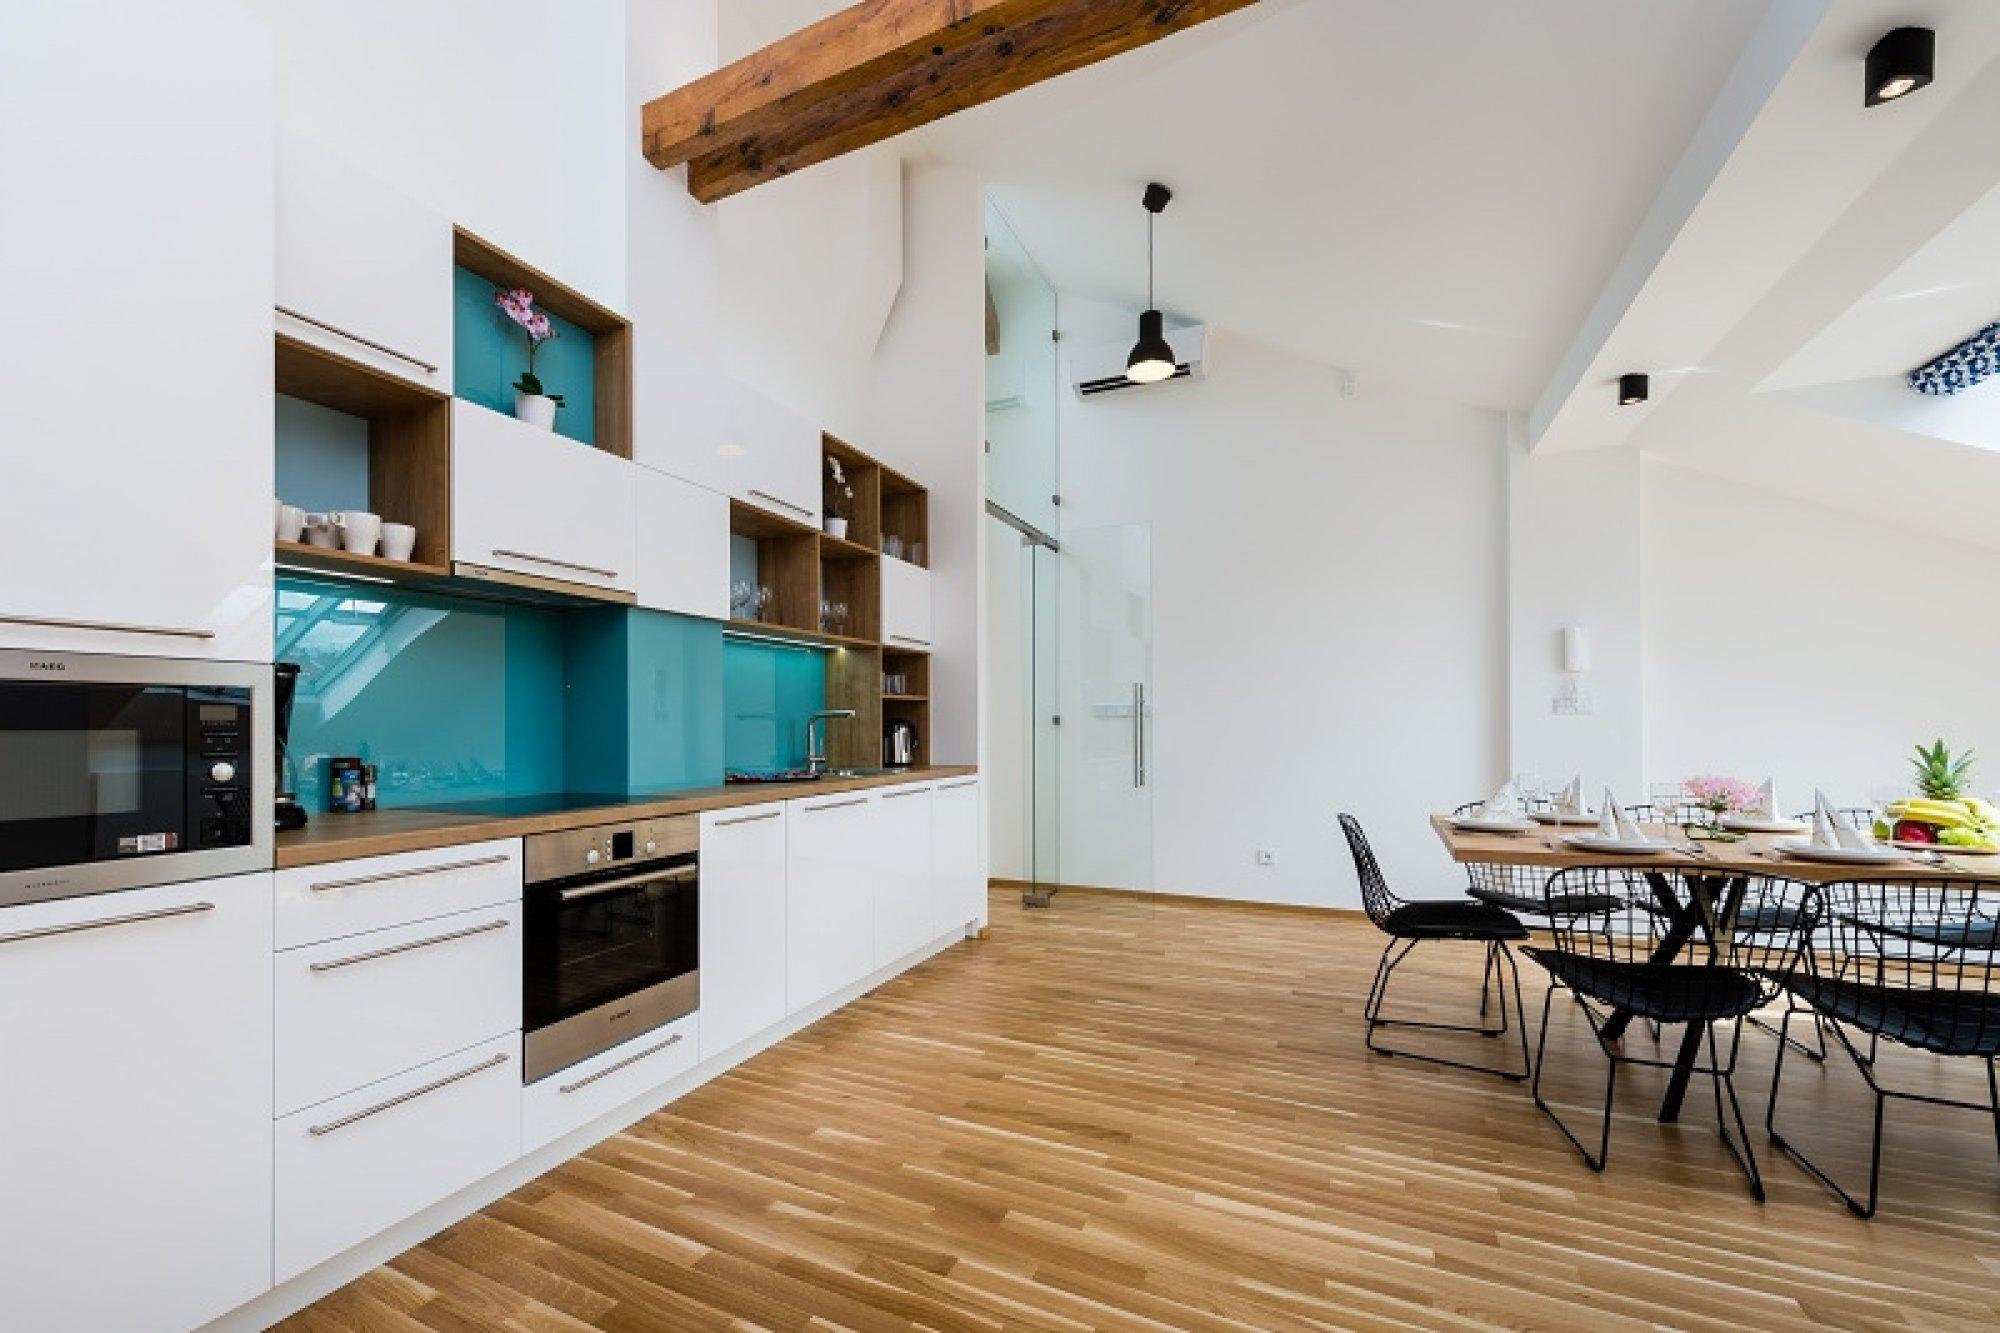 Půdní byt 6+kk, plocha 247 m², ulice U Bulhara, Praha 1 - Nové Město | 2